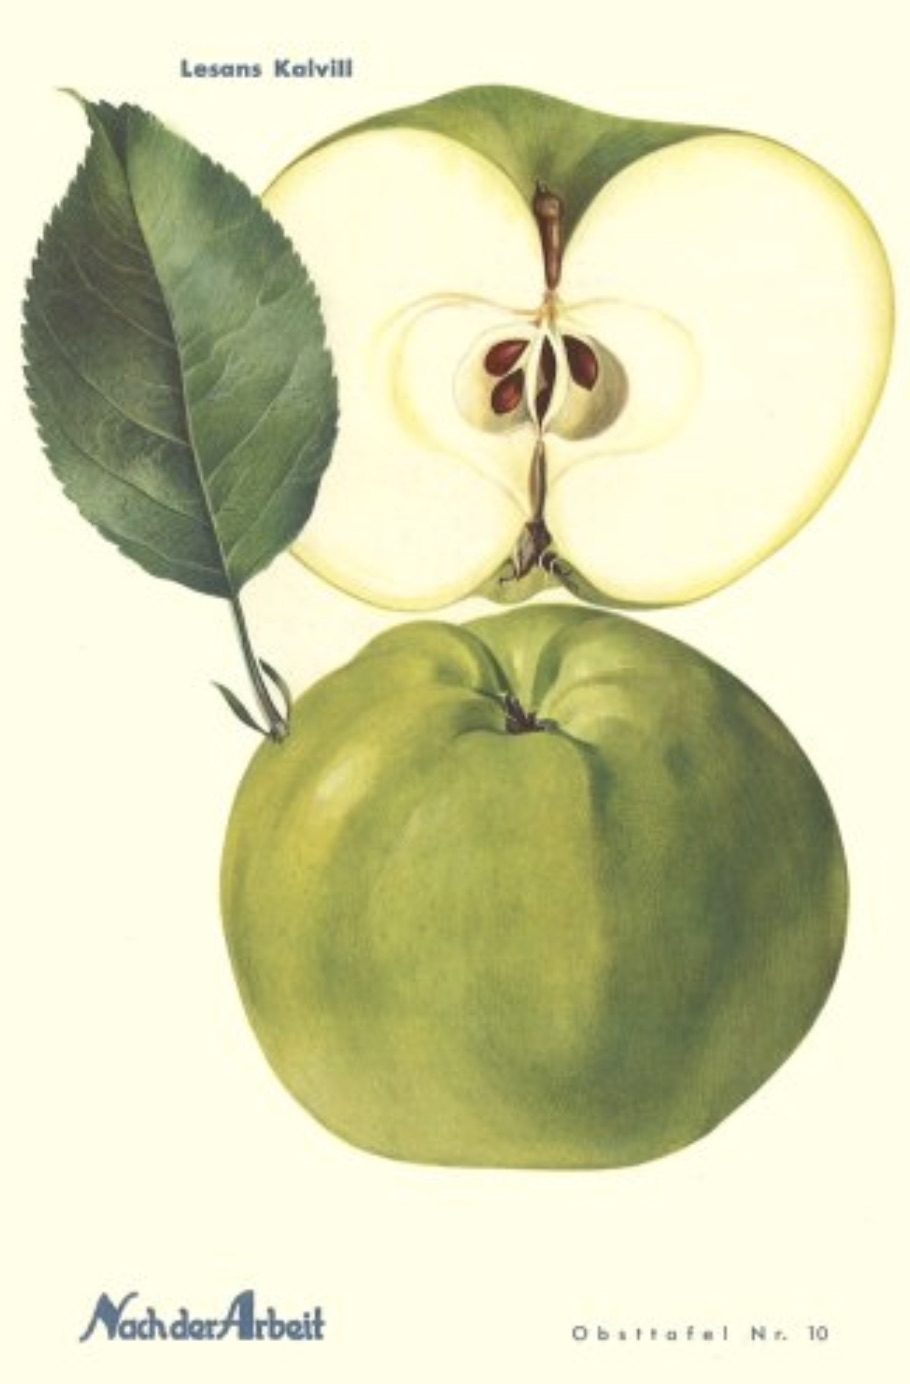 Historische Abbildung eines grünen und eines aufgeschnittenen Apfels; BUND Lemgo Obstsortendatenbank